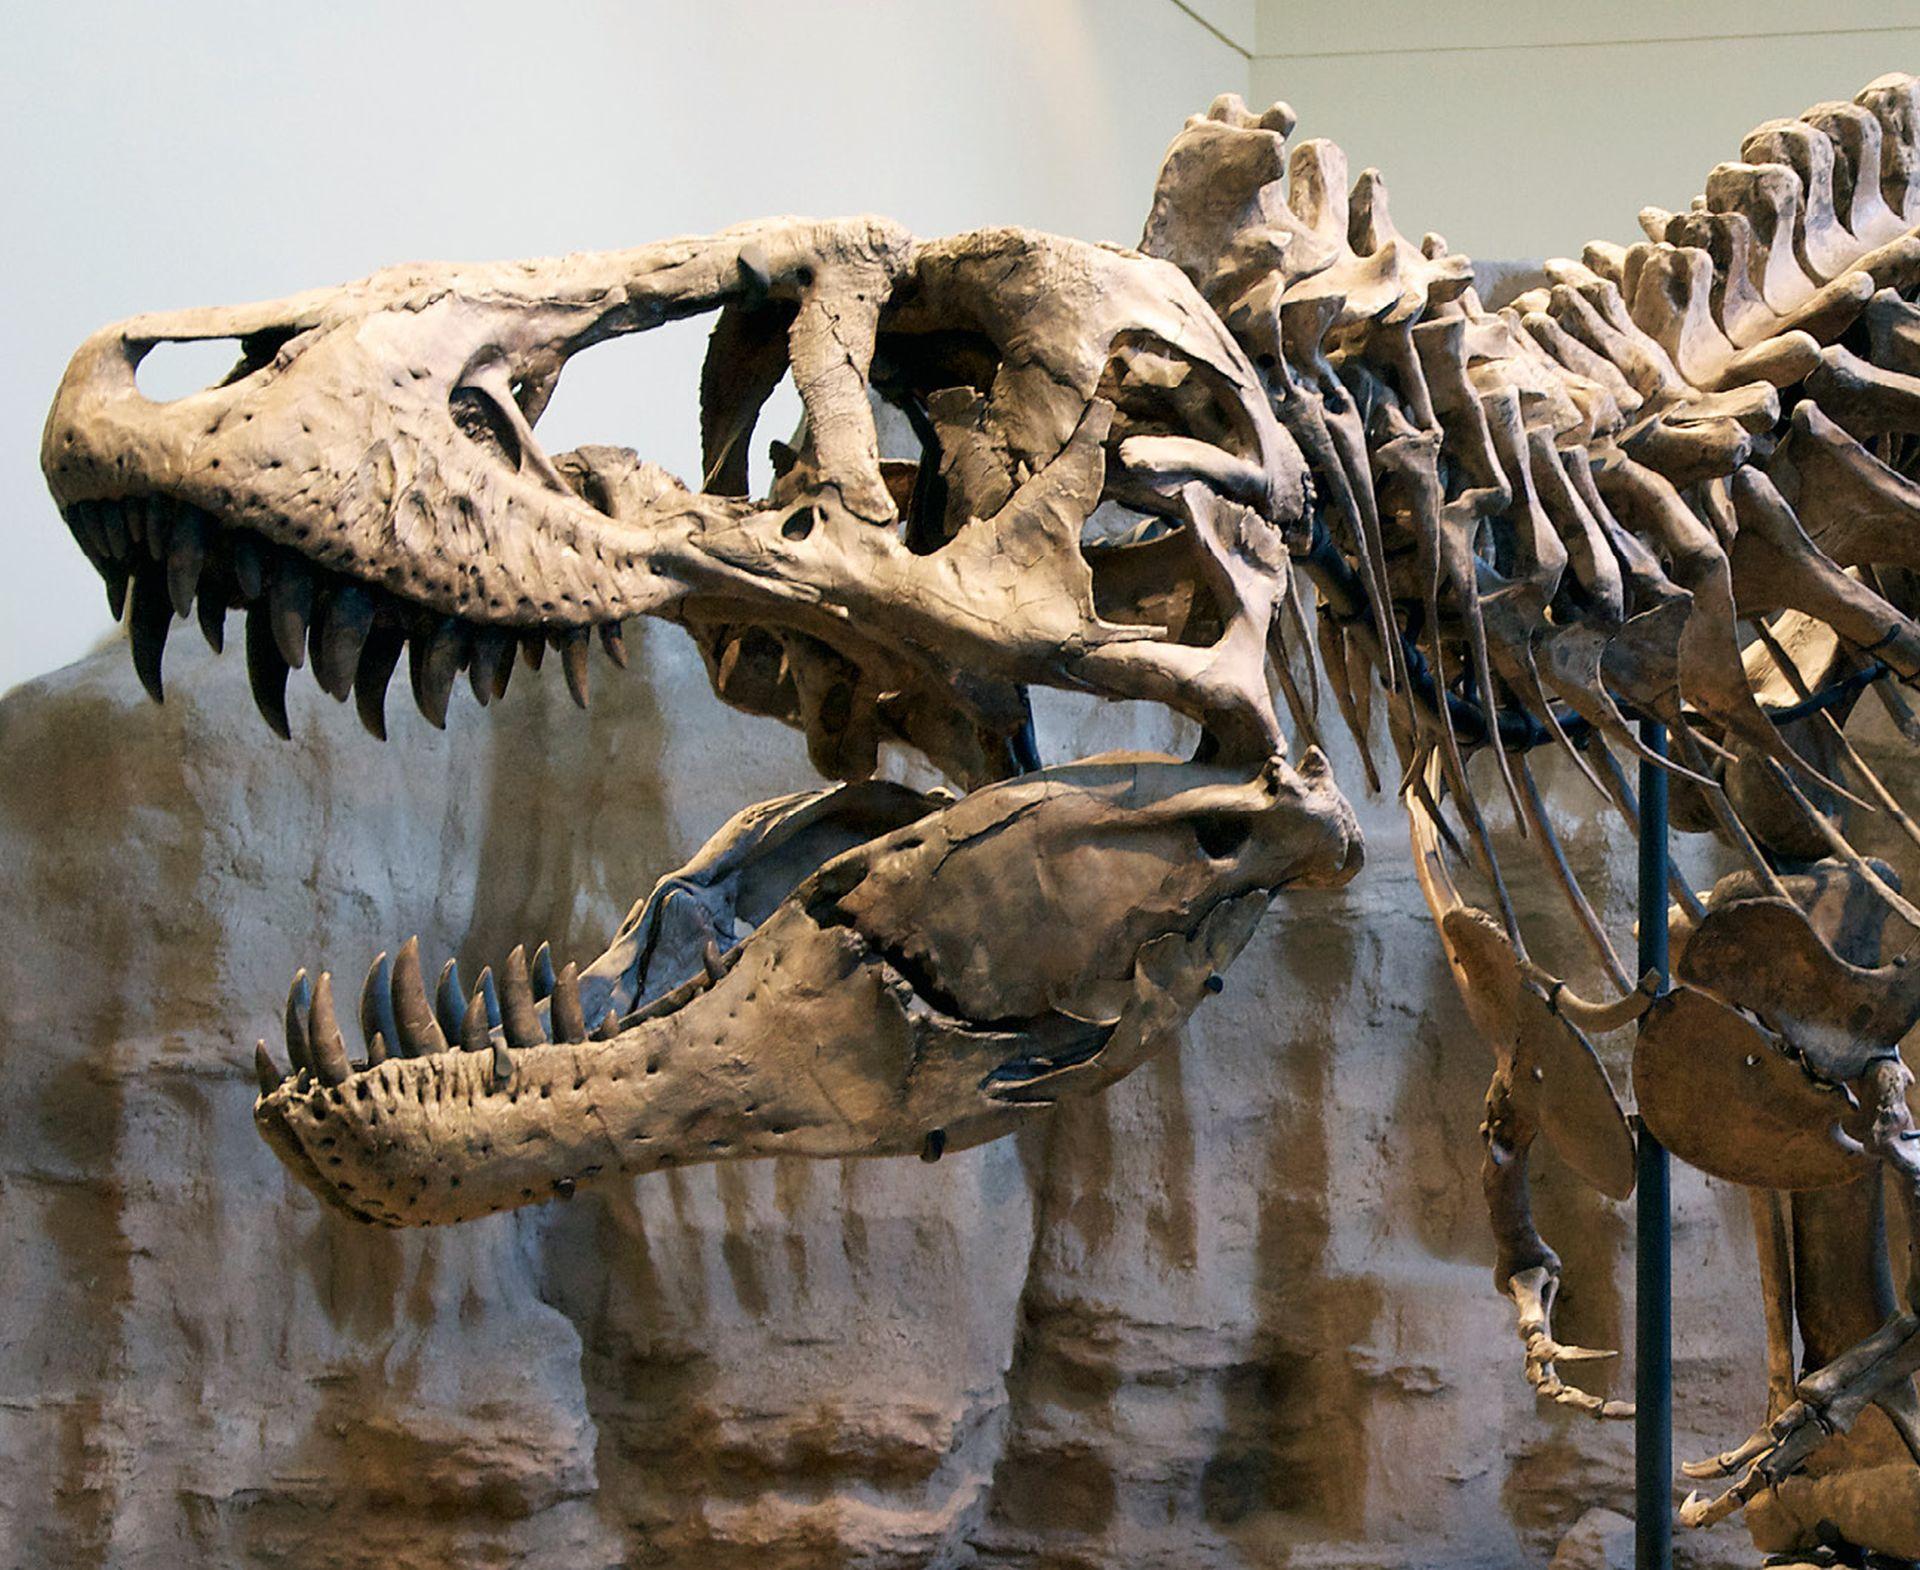 FELJTON Potraga za izgubljenim svijetom fosila